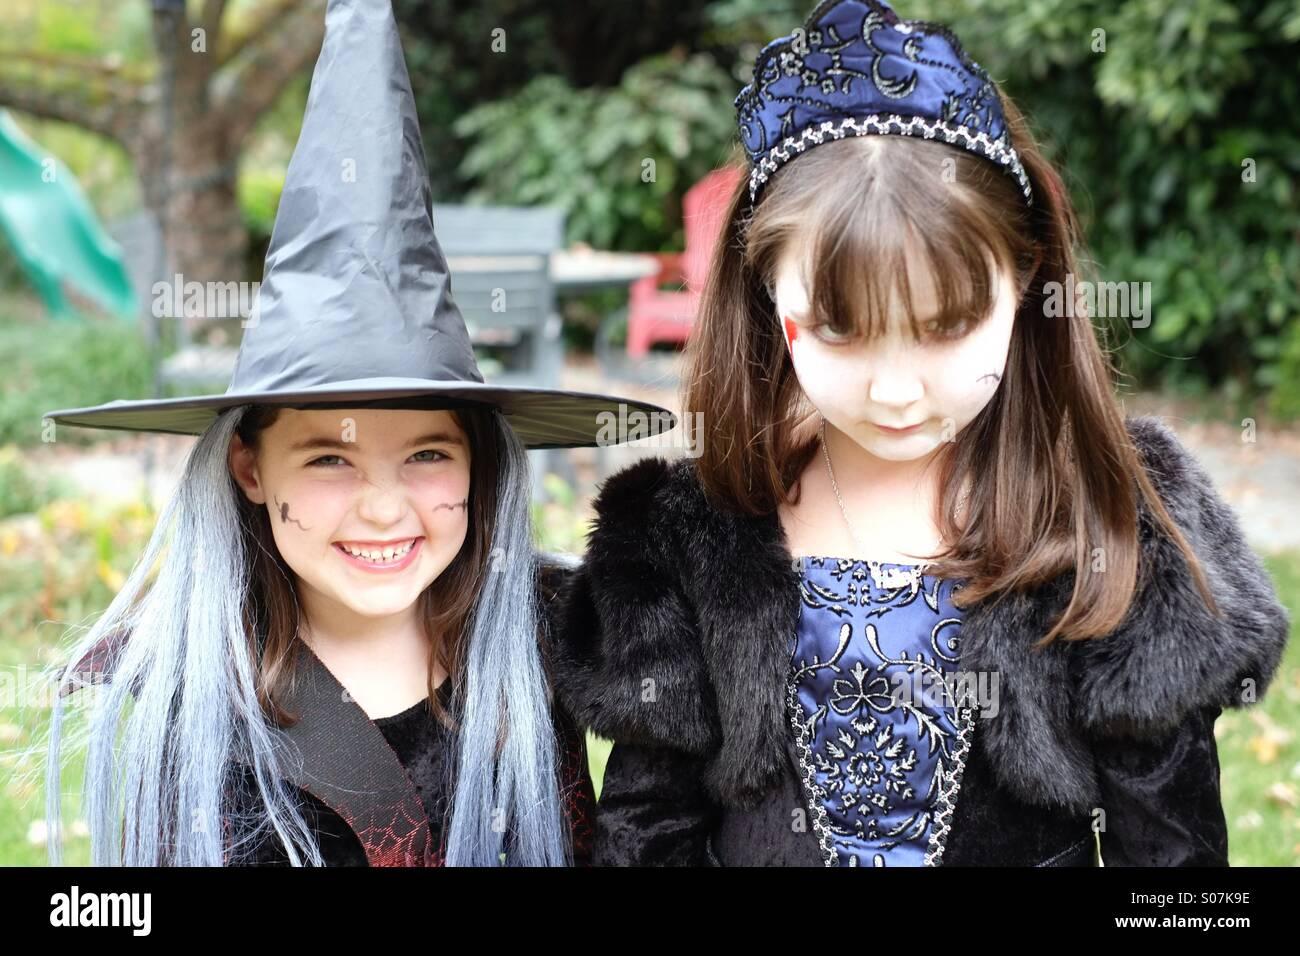 Deux petites filles spooky agissant de la partie de l'Halloween Photo Stock